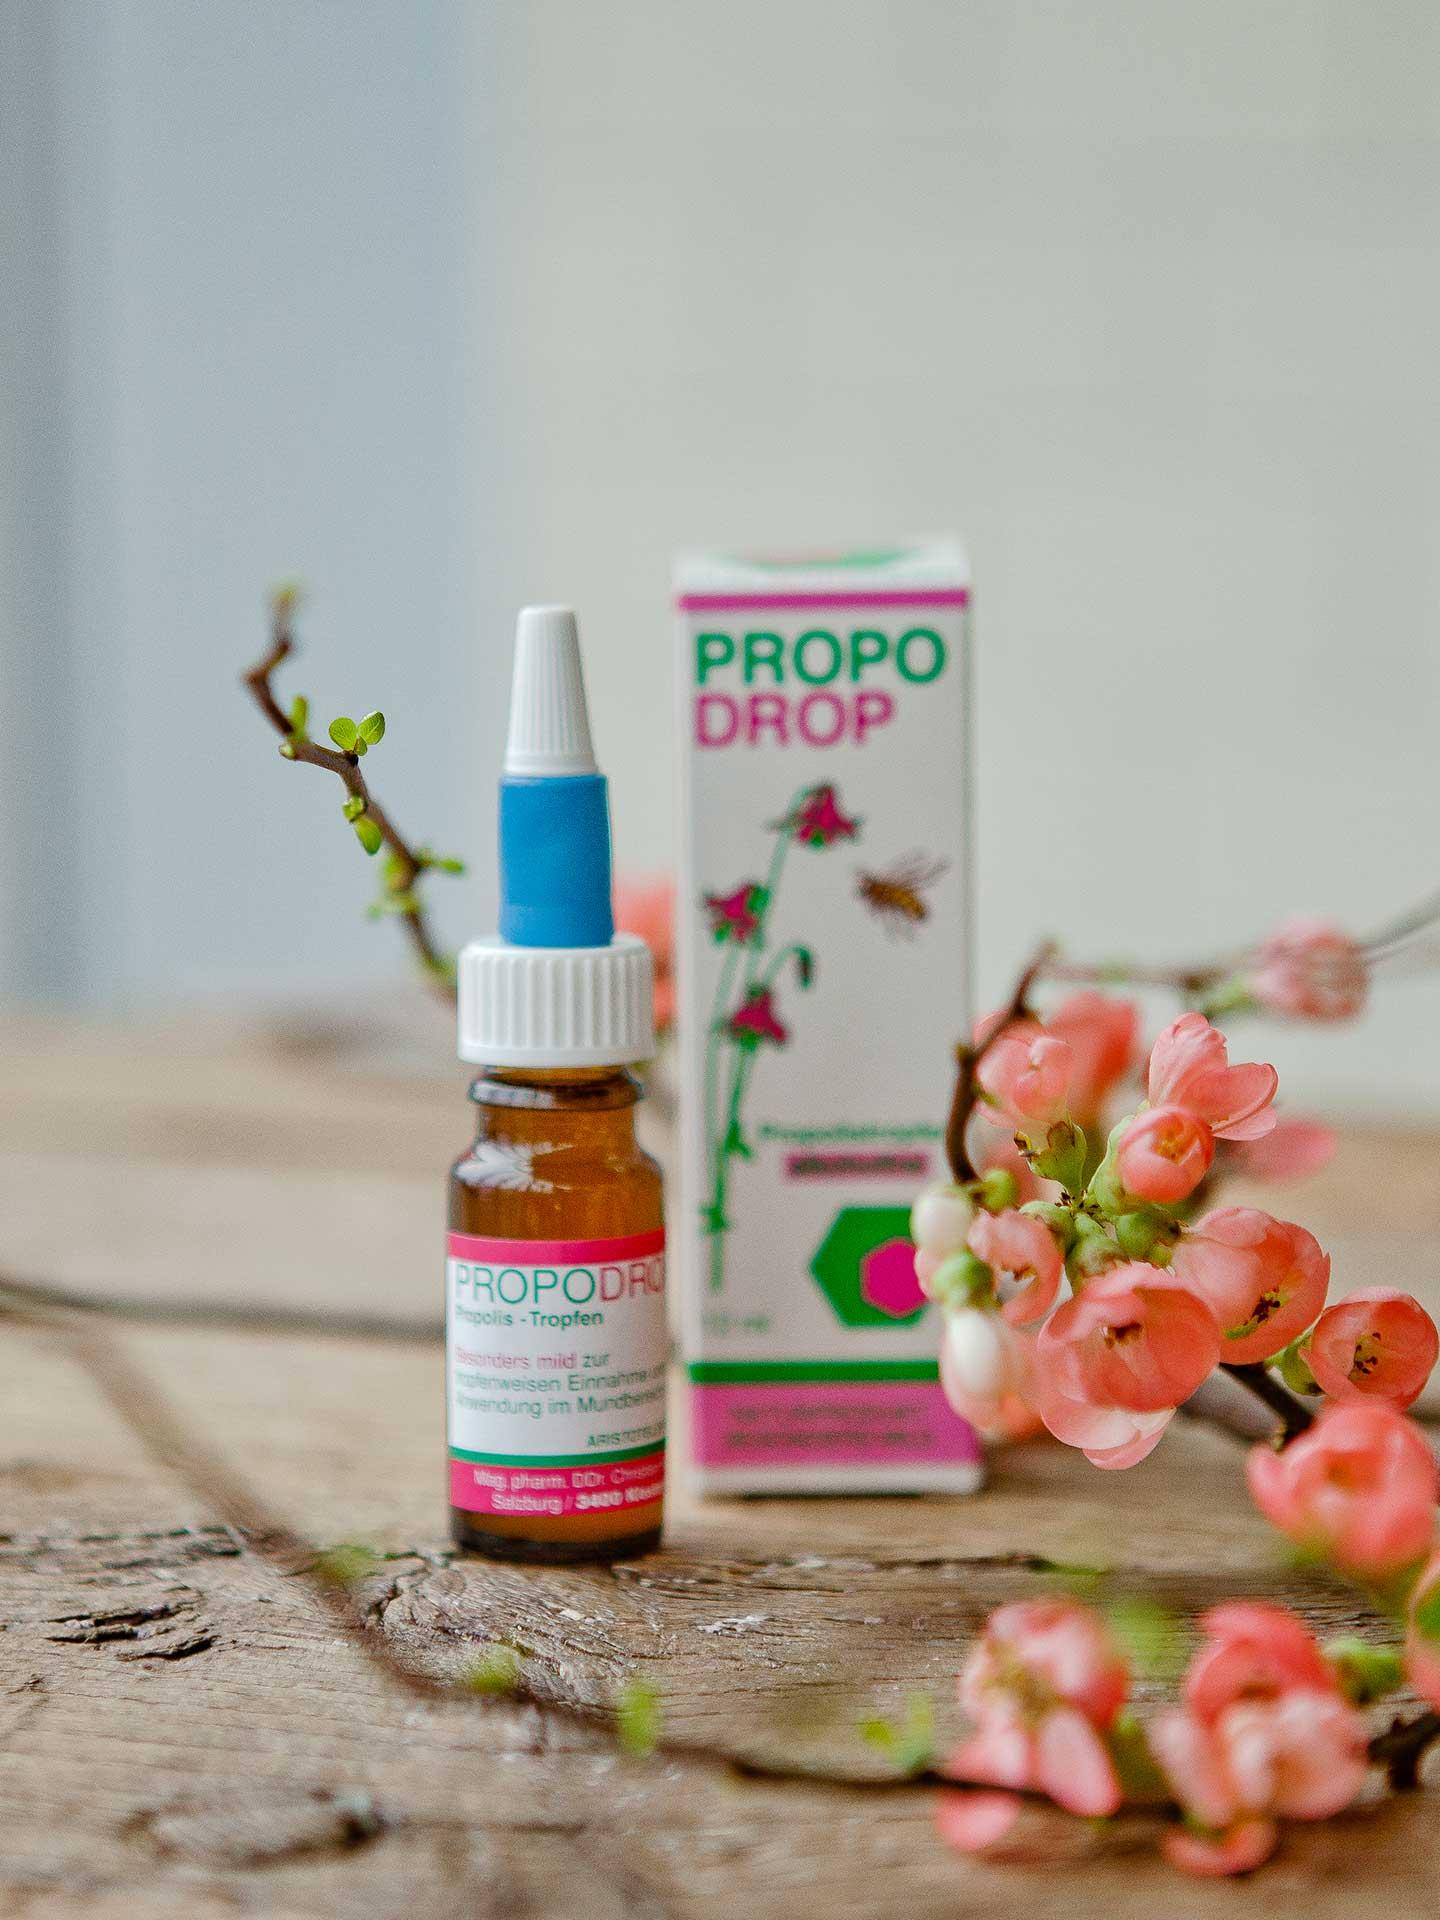 propodrop